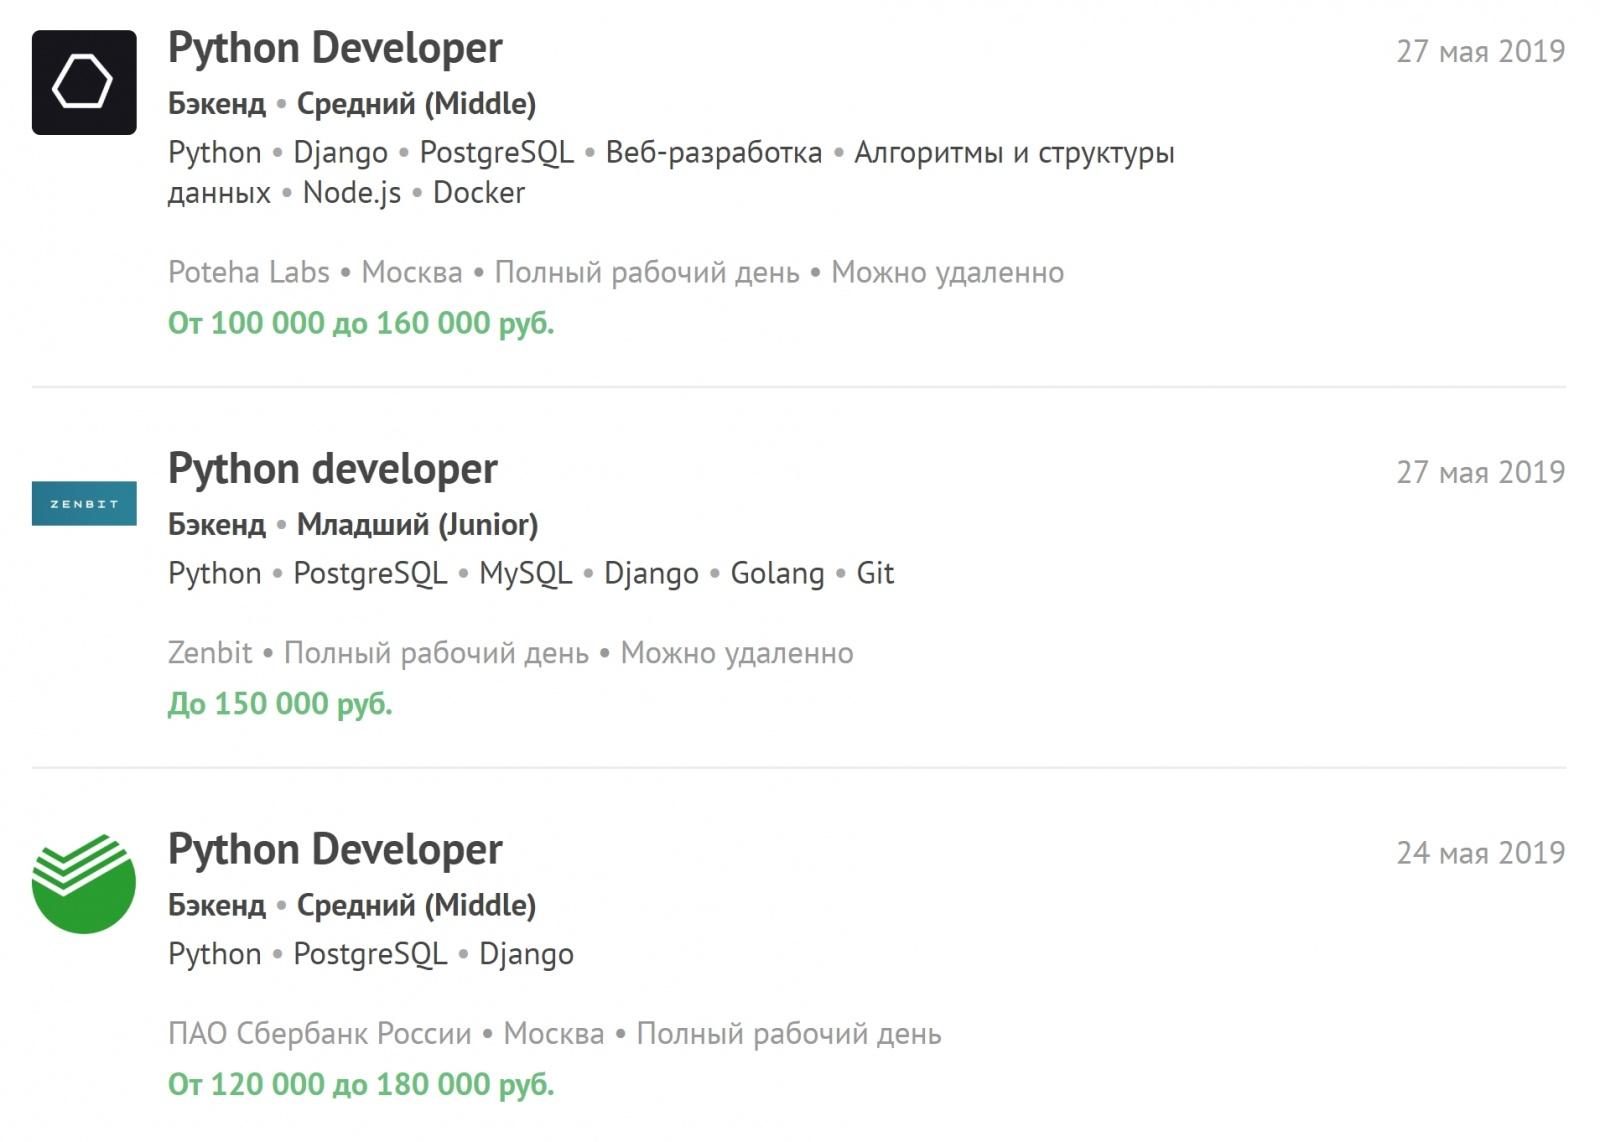 Говорят, выучить Python и стать программистом легко. Правда? - 7